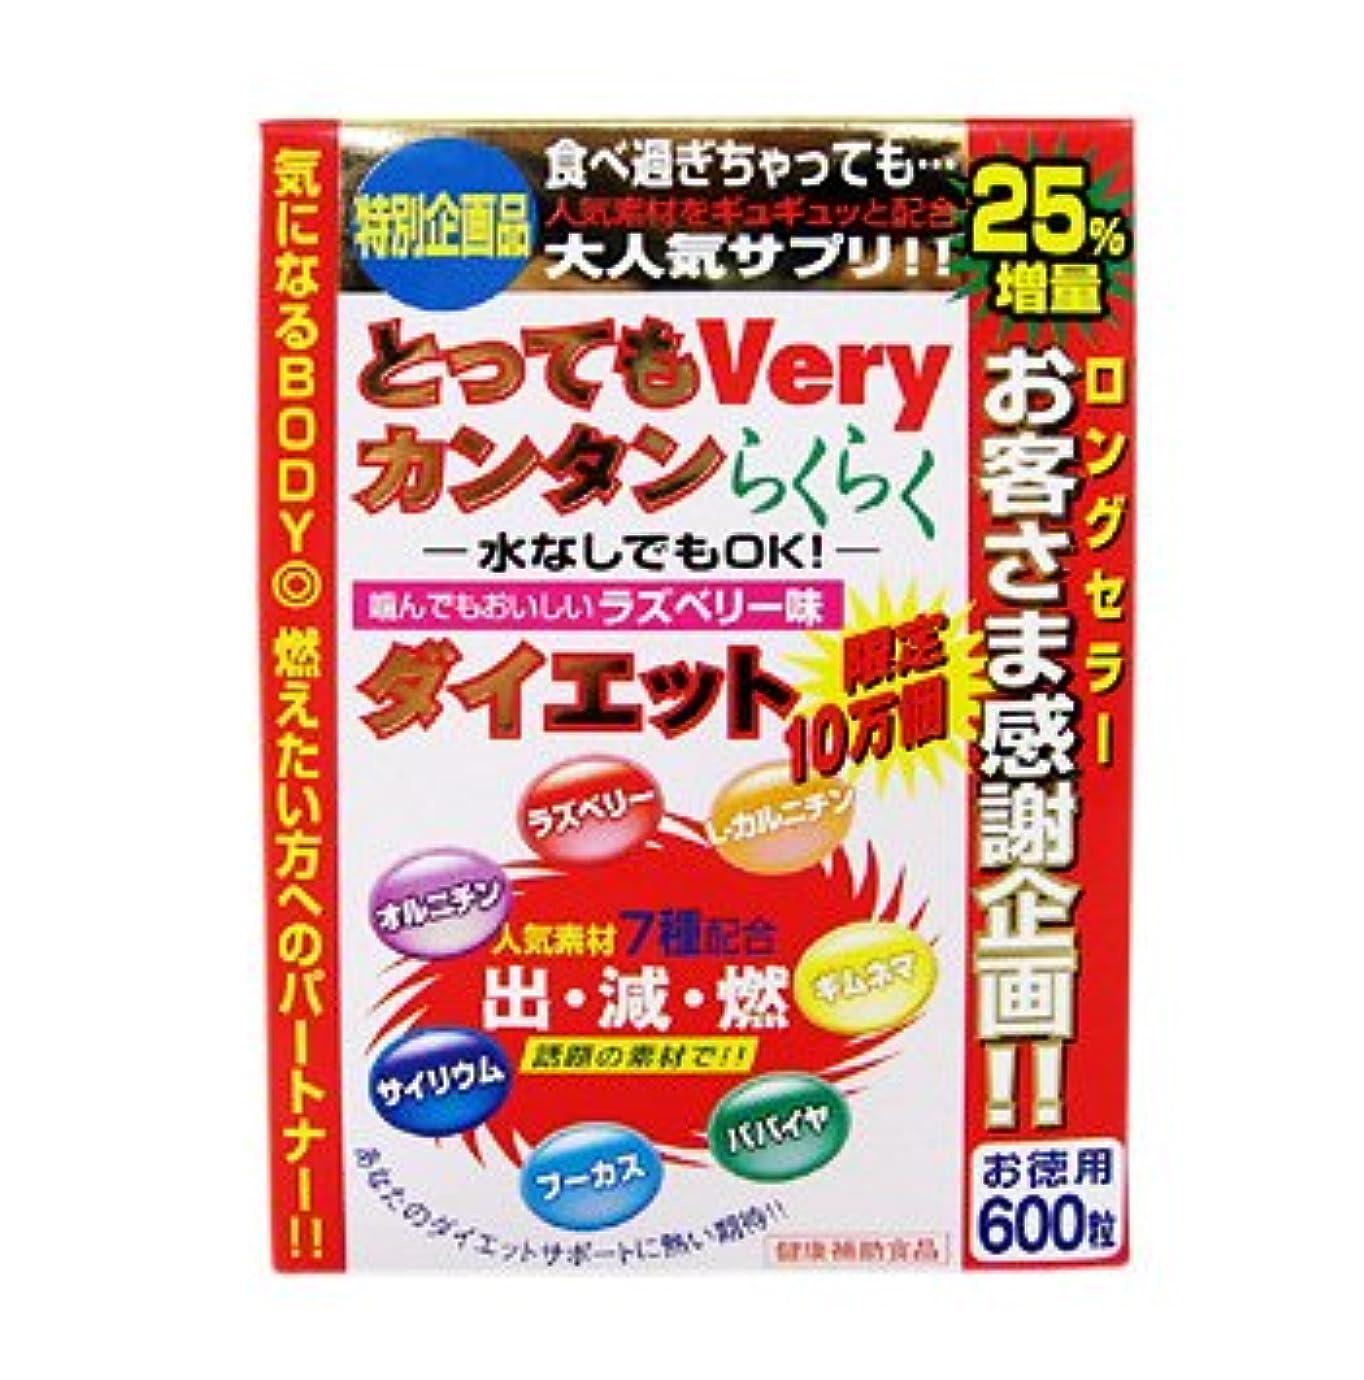 細菌覆す句ジャパンギャルズ とってもVery カンタンらくらくダイエット お徳用 600粒 とってもベリー×10個セット